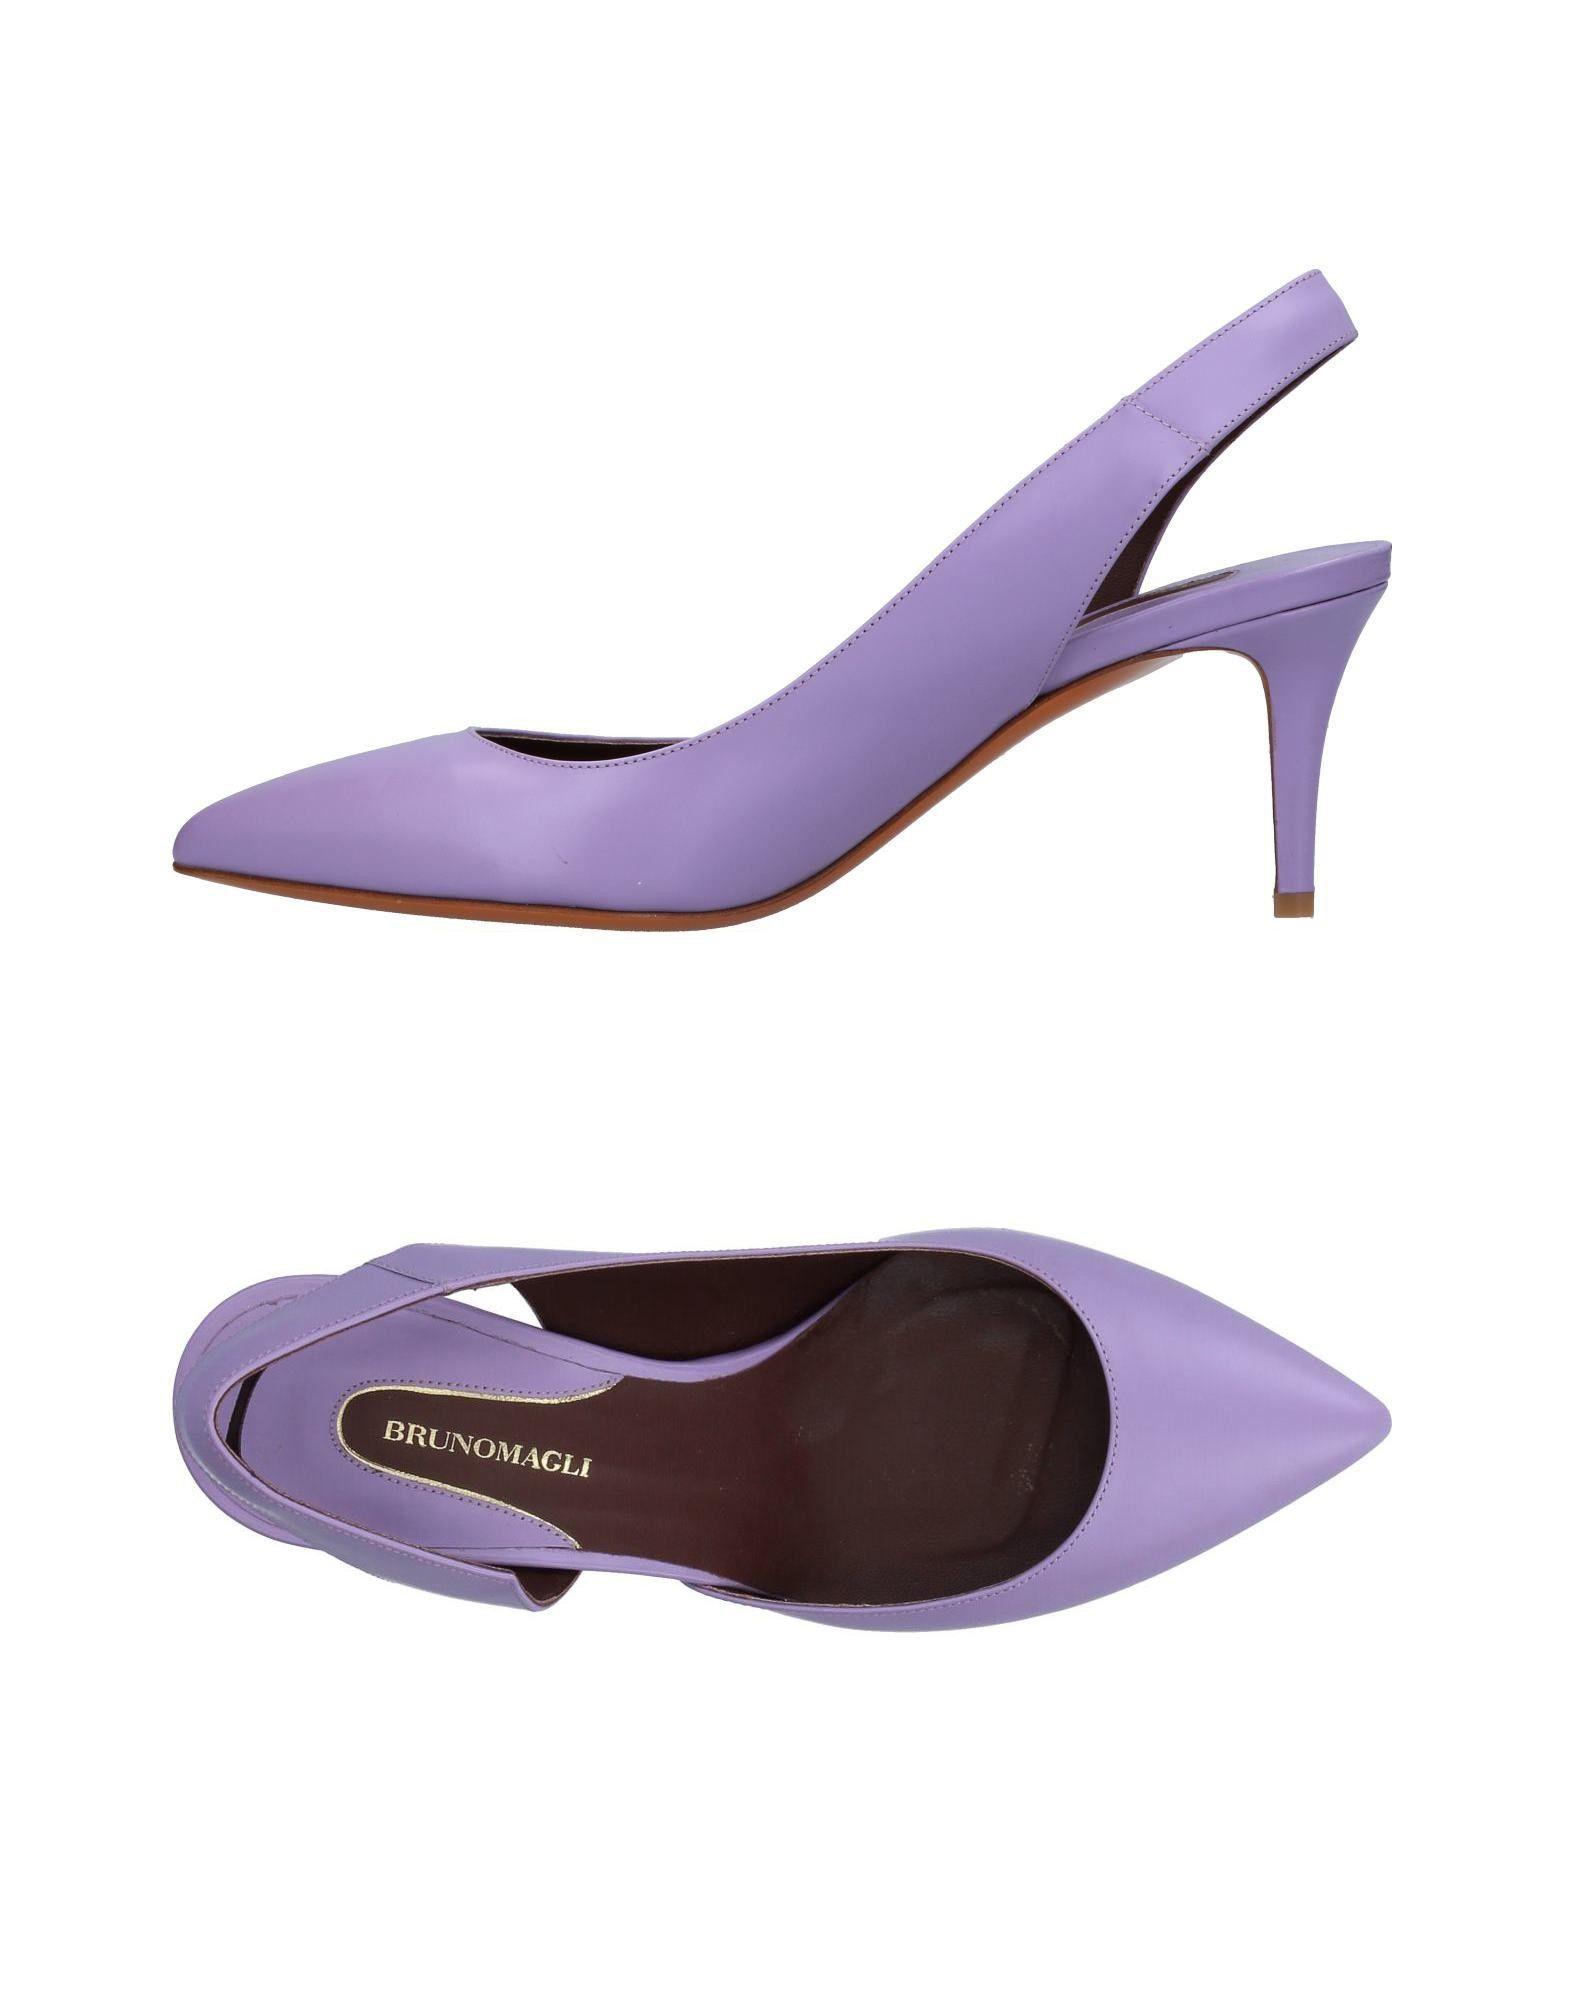 где купить BRUNO MAGLI Туфли по лучшей цене